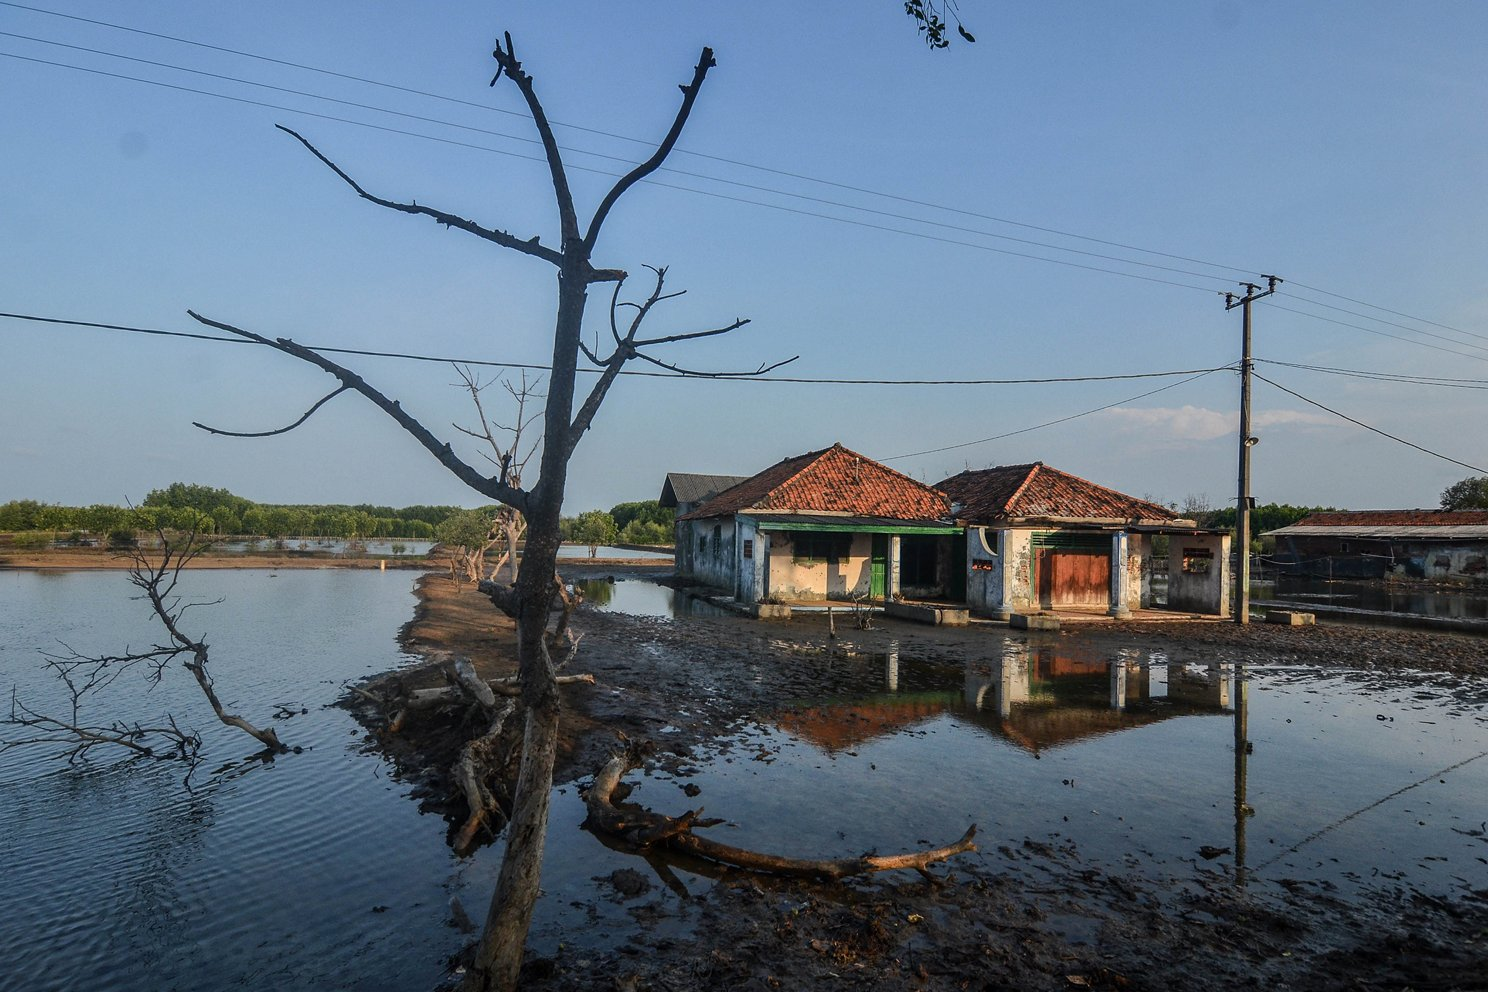 Ratusan rumah di kampung tersebut rusak dan dikosongkan para penghuninya lantaran terkena abrasi sejak 12 tahun lalu.